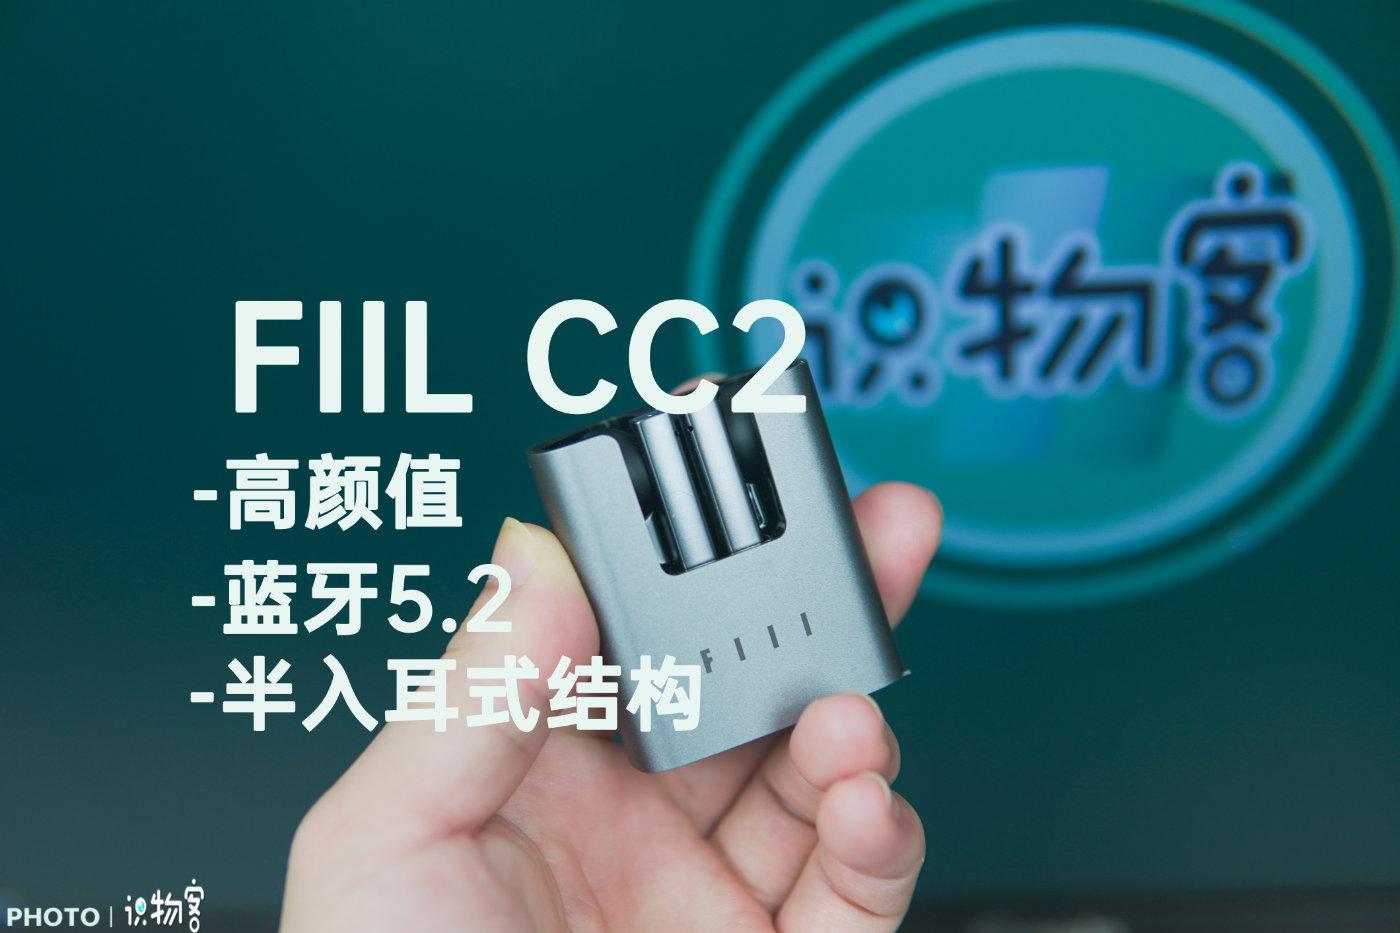 新品上手,半入耳式耳机的拔尖颜值代表FIIL CC2体验